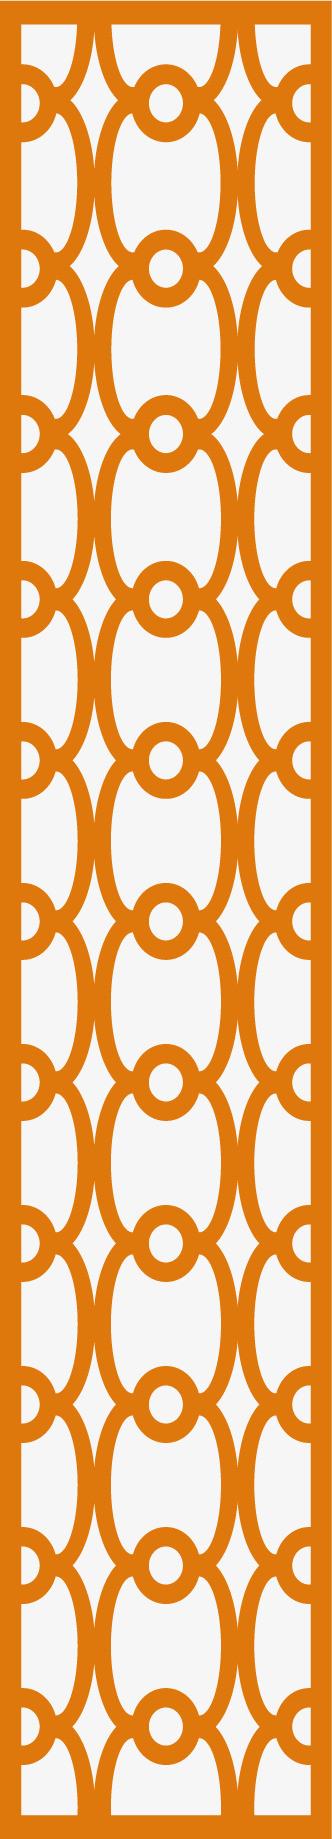 中式的古典古风窗棂png素材下载_高清图片png格式(:)